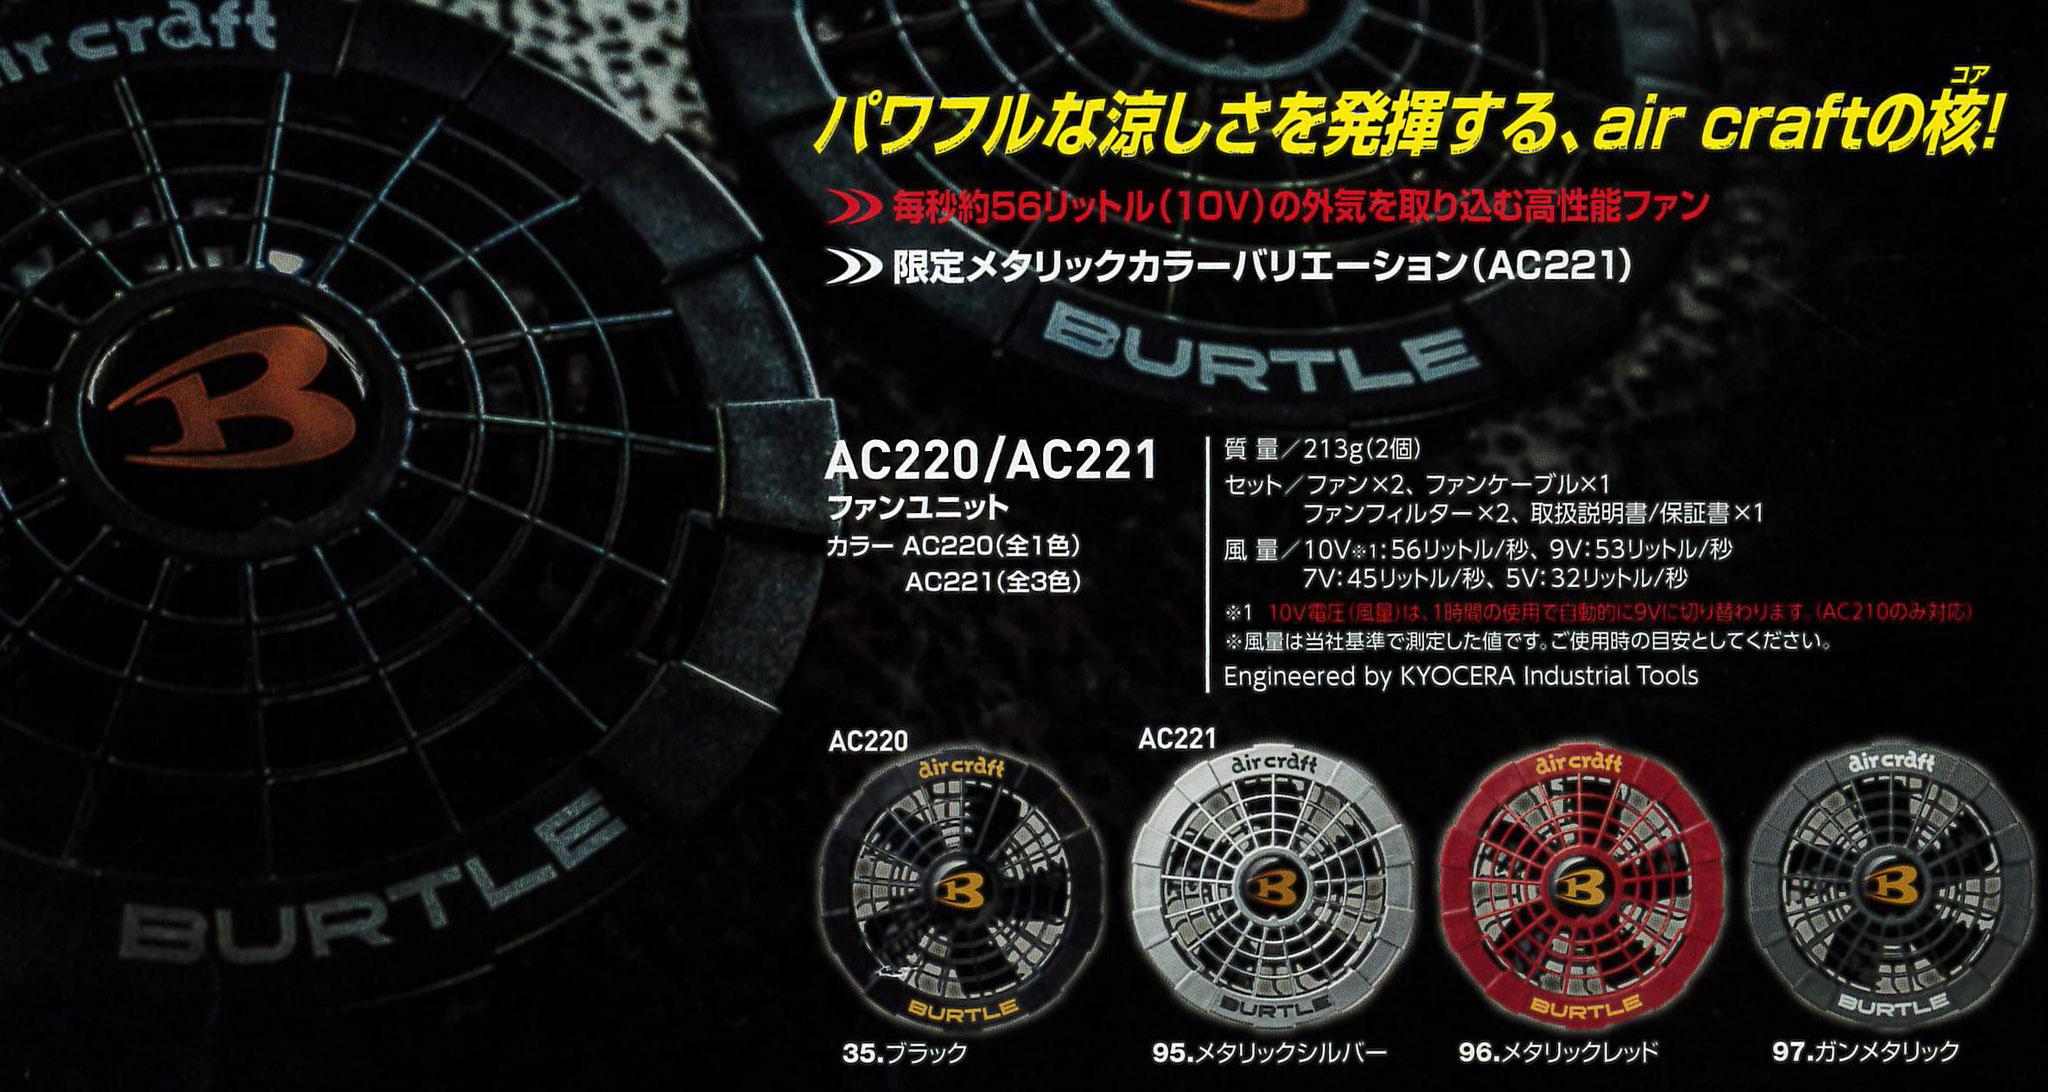 AC220 ファンユニット ¥4,950(税込)